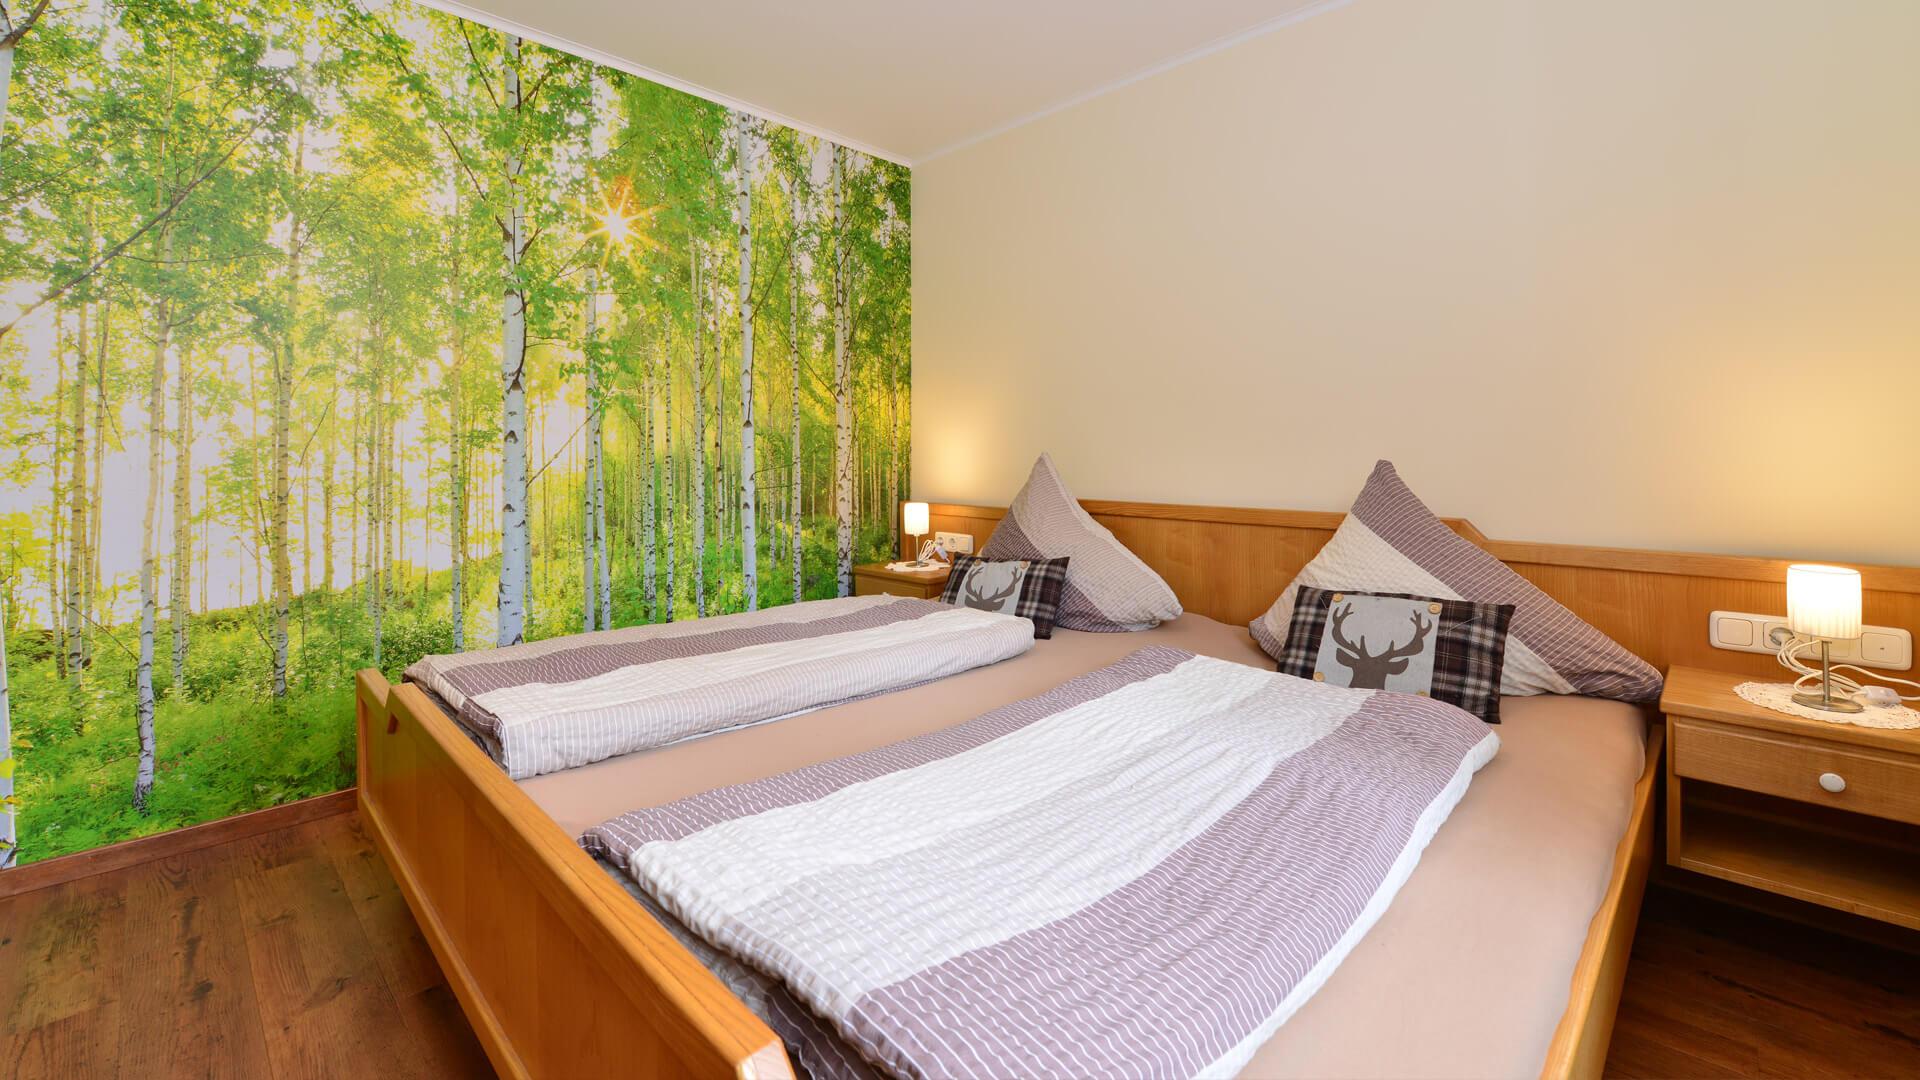 grosses-schlafzimmer